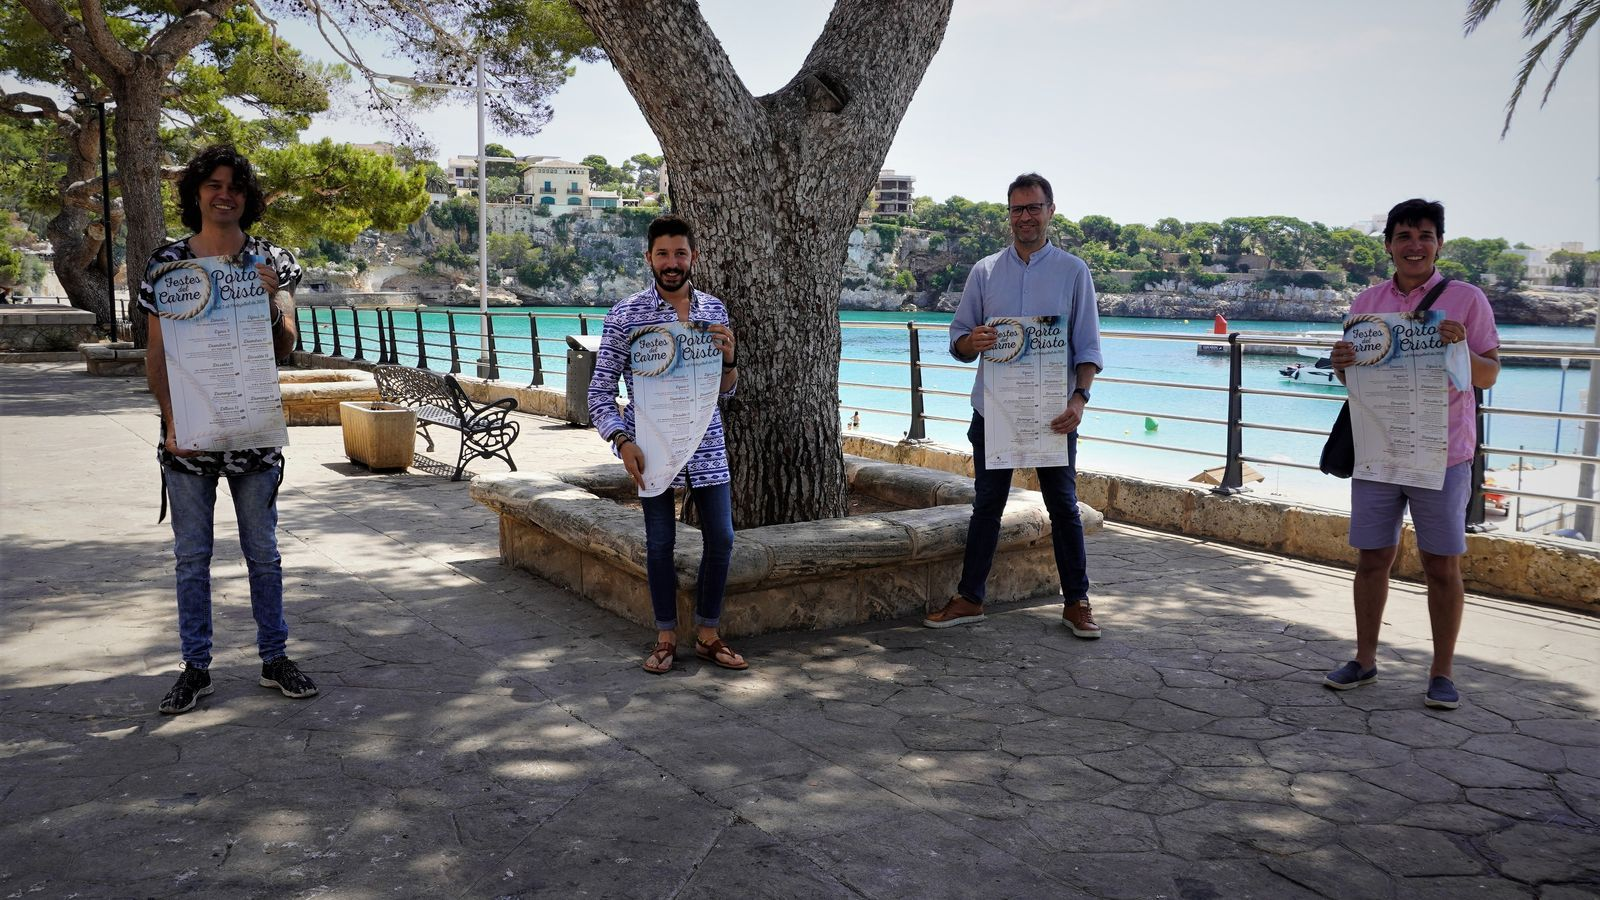 Quatre regidors de l'equip de govern presentant el cartell de festes en el passeig de la Sirena.